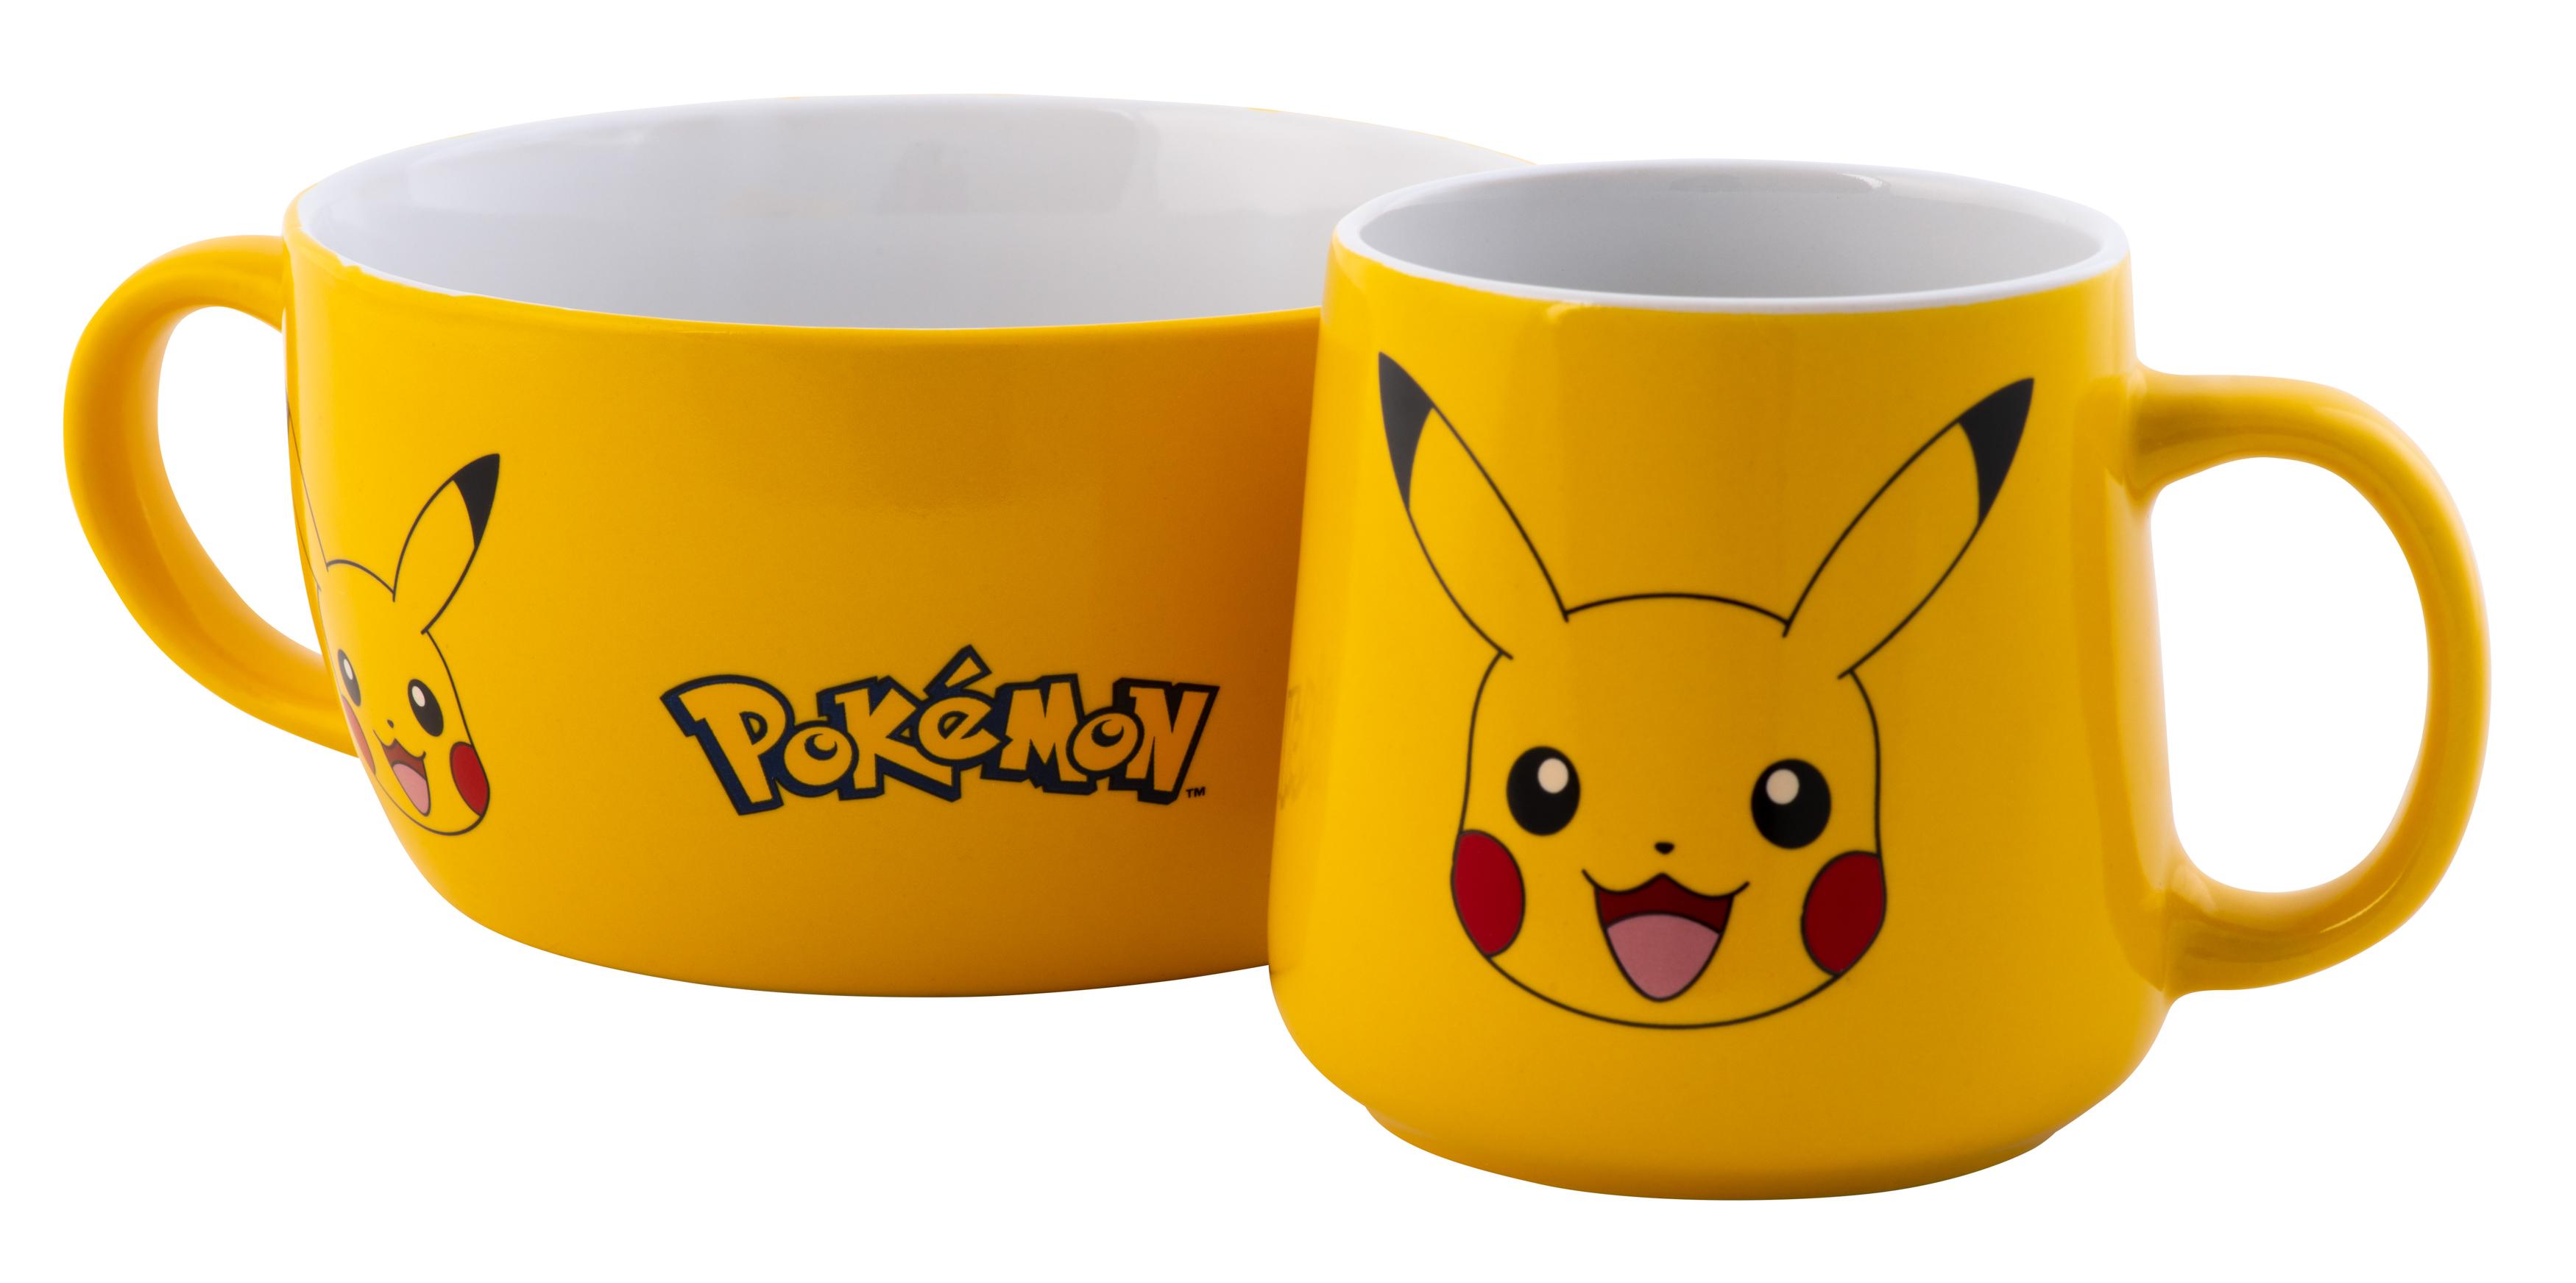 Frühstücksset (Tasse & Müslischale) - Pokémon - Pikachu